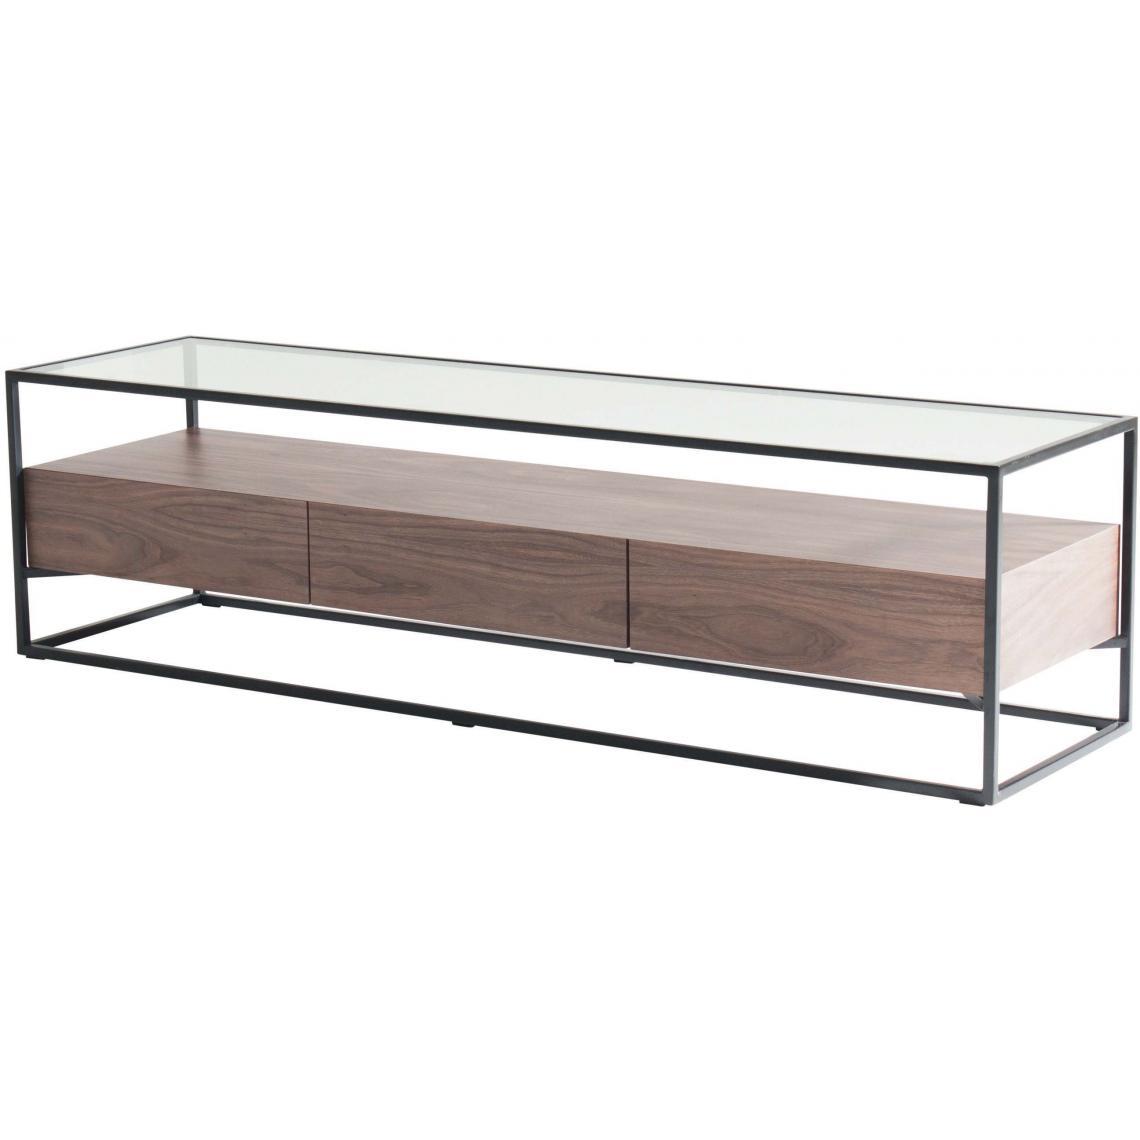 meuble tv en bois et verre goza